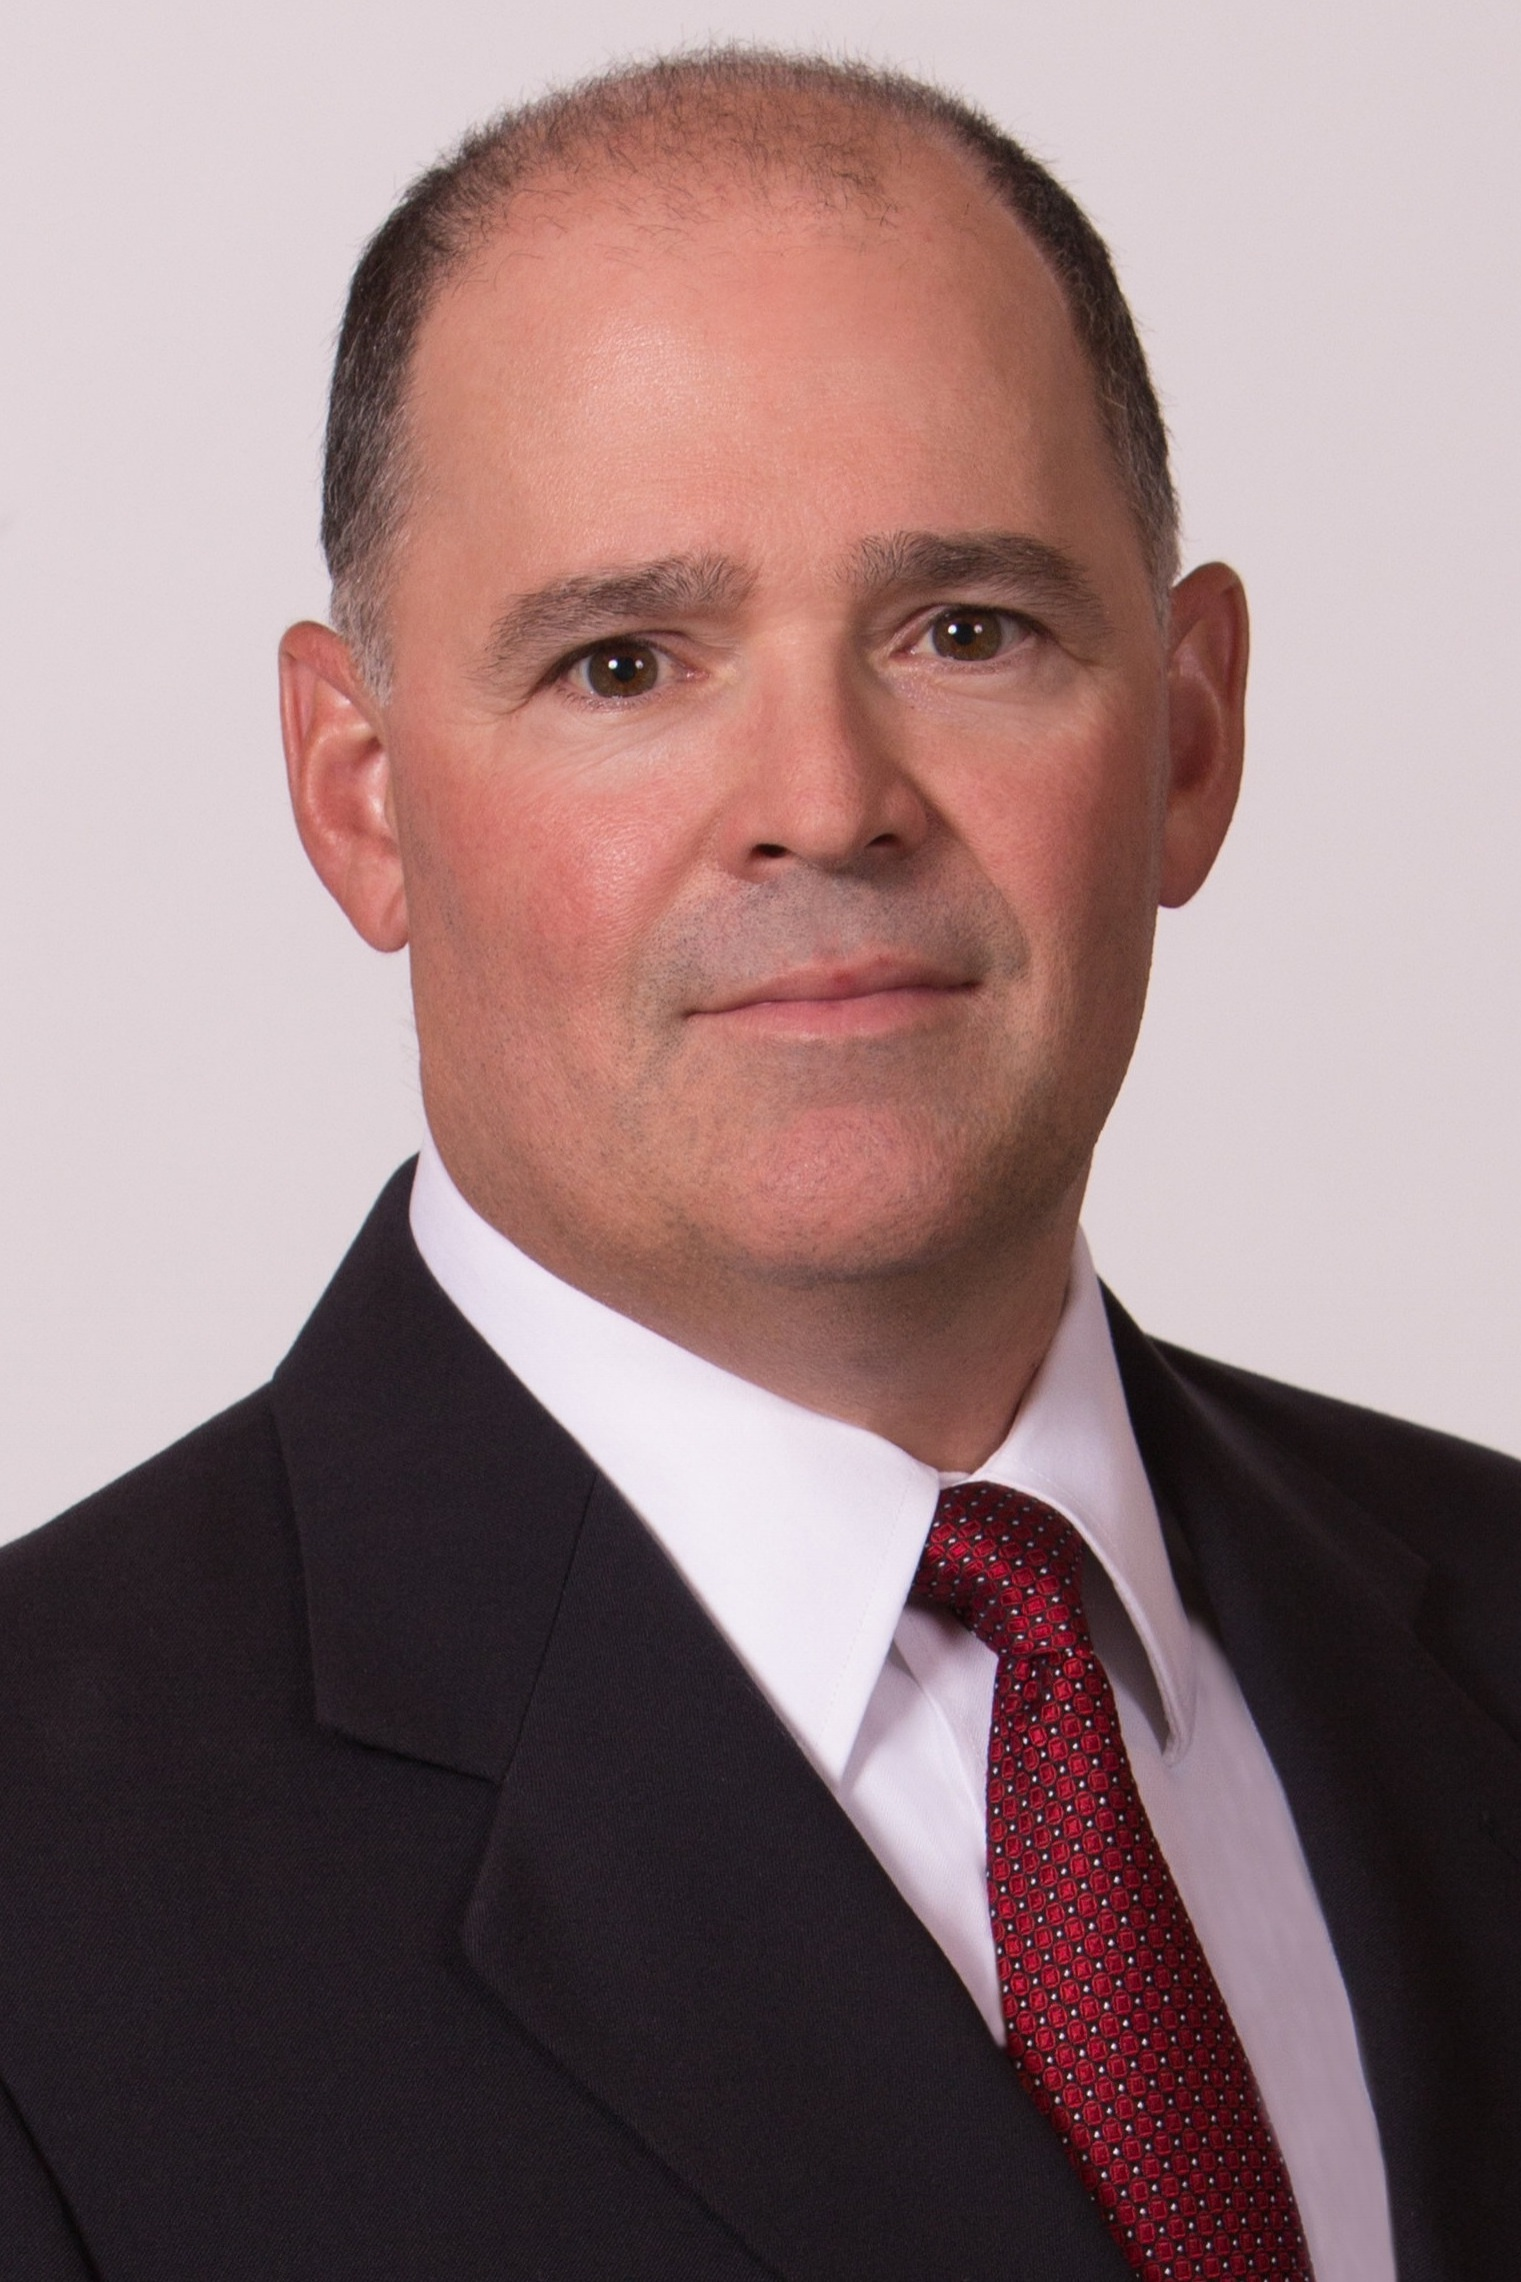 Jim Tanner